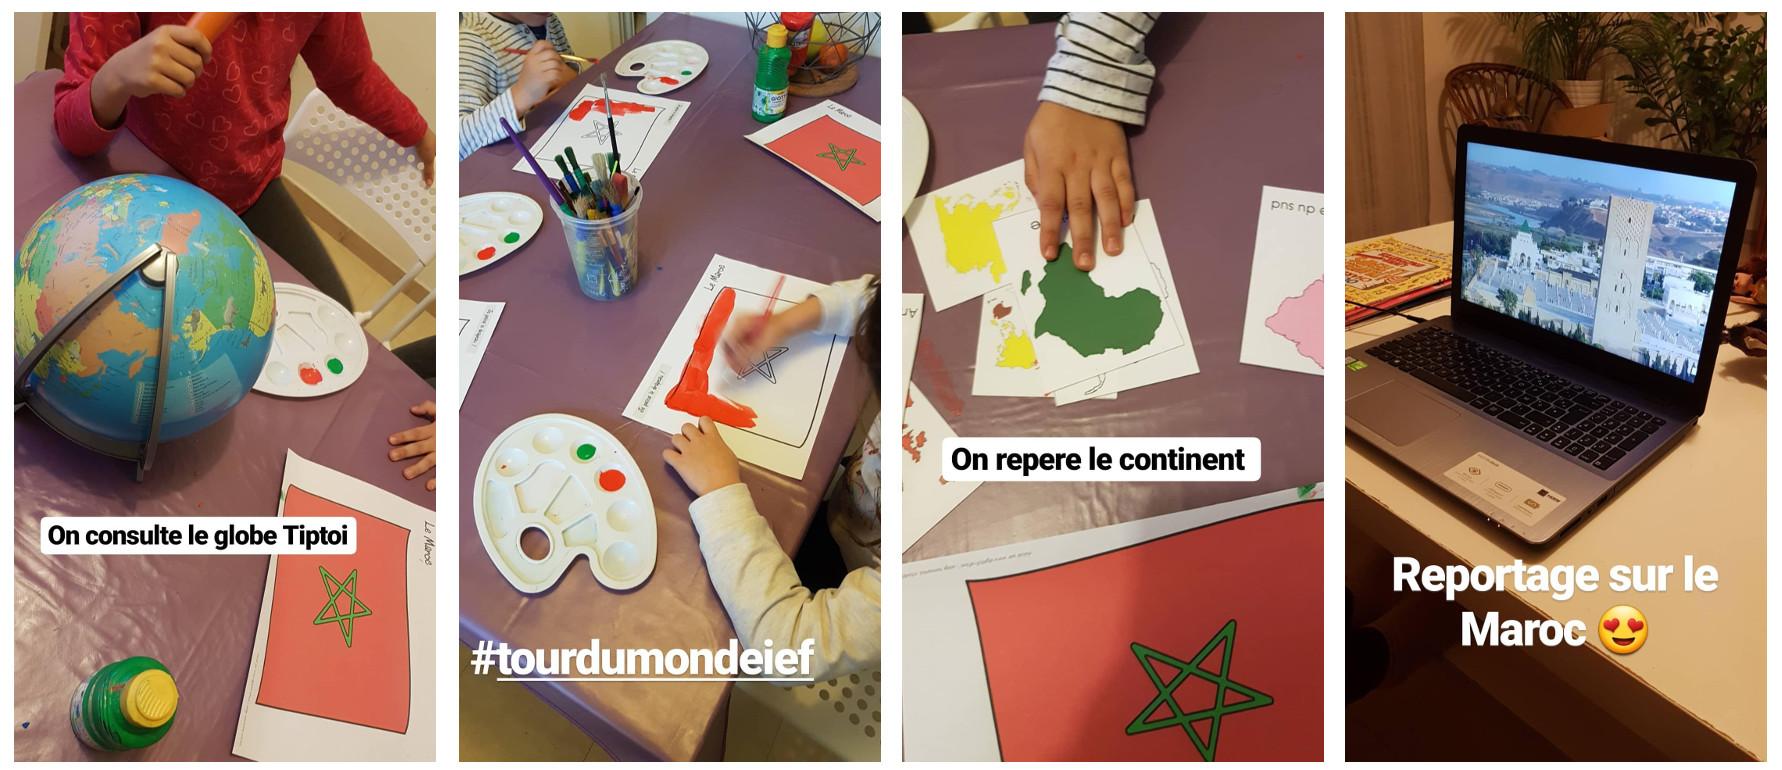 Le maroc tour du monde ief supports gratuit objectif ief